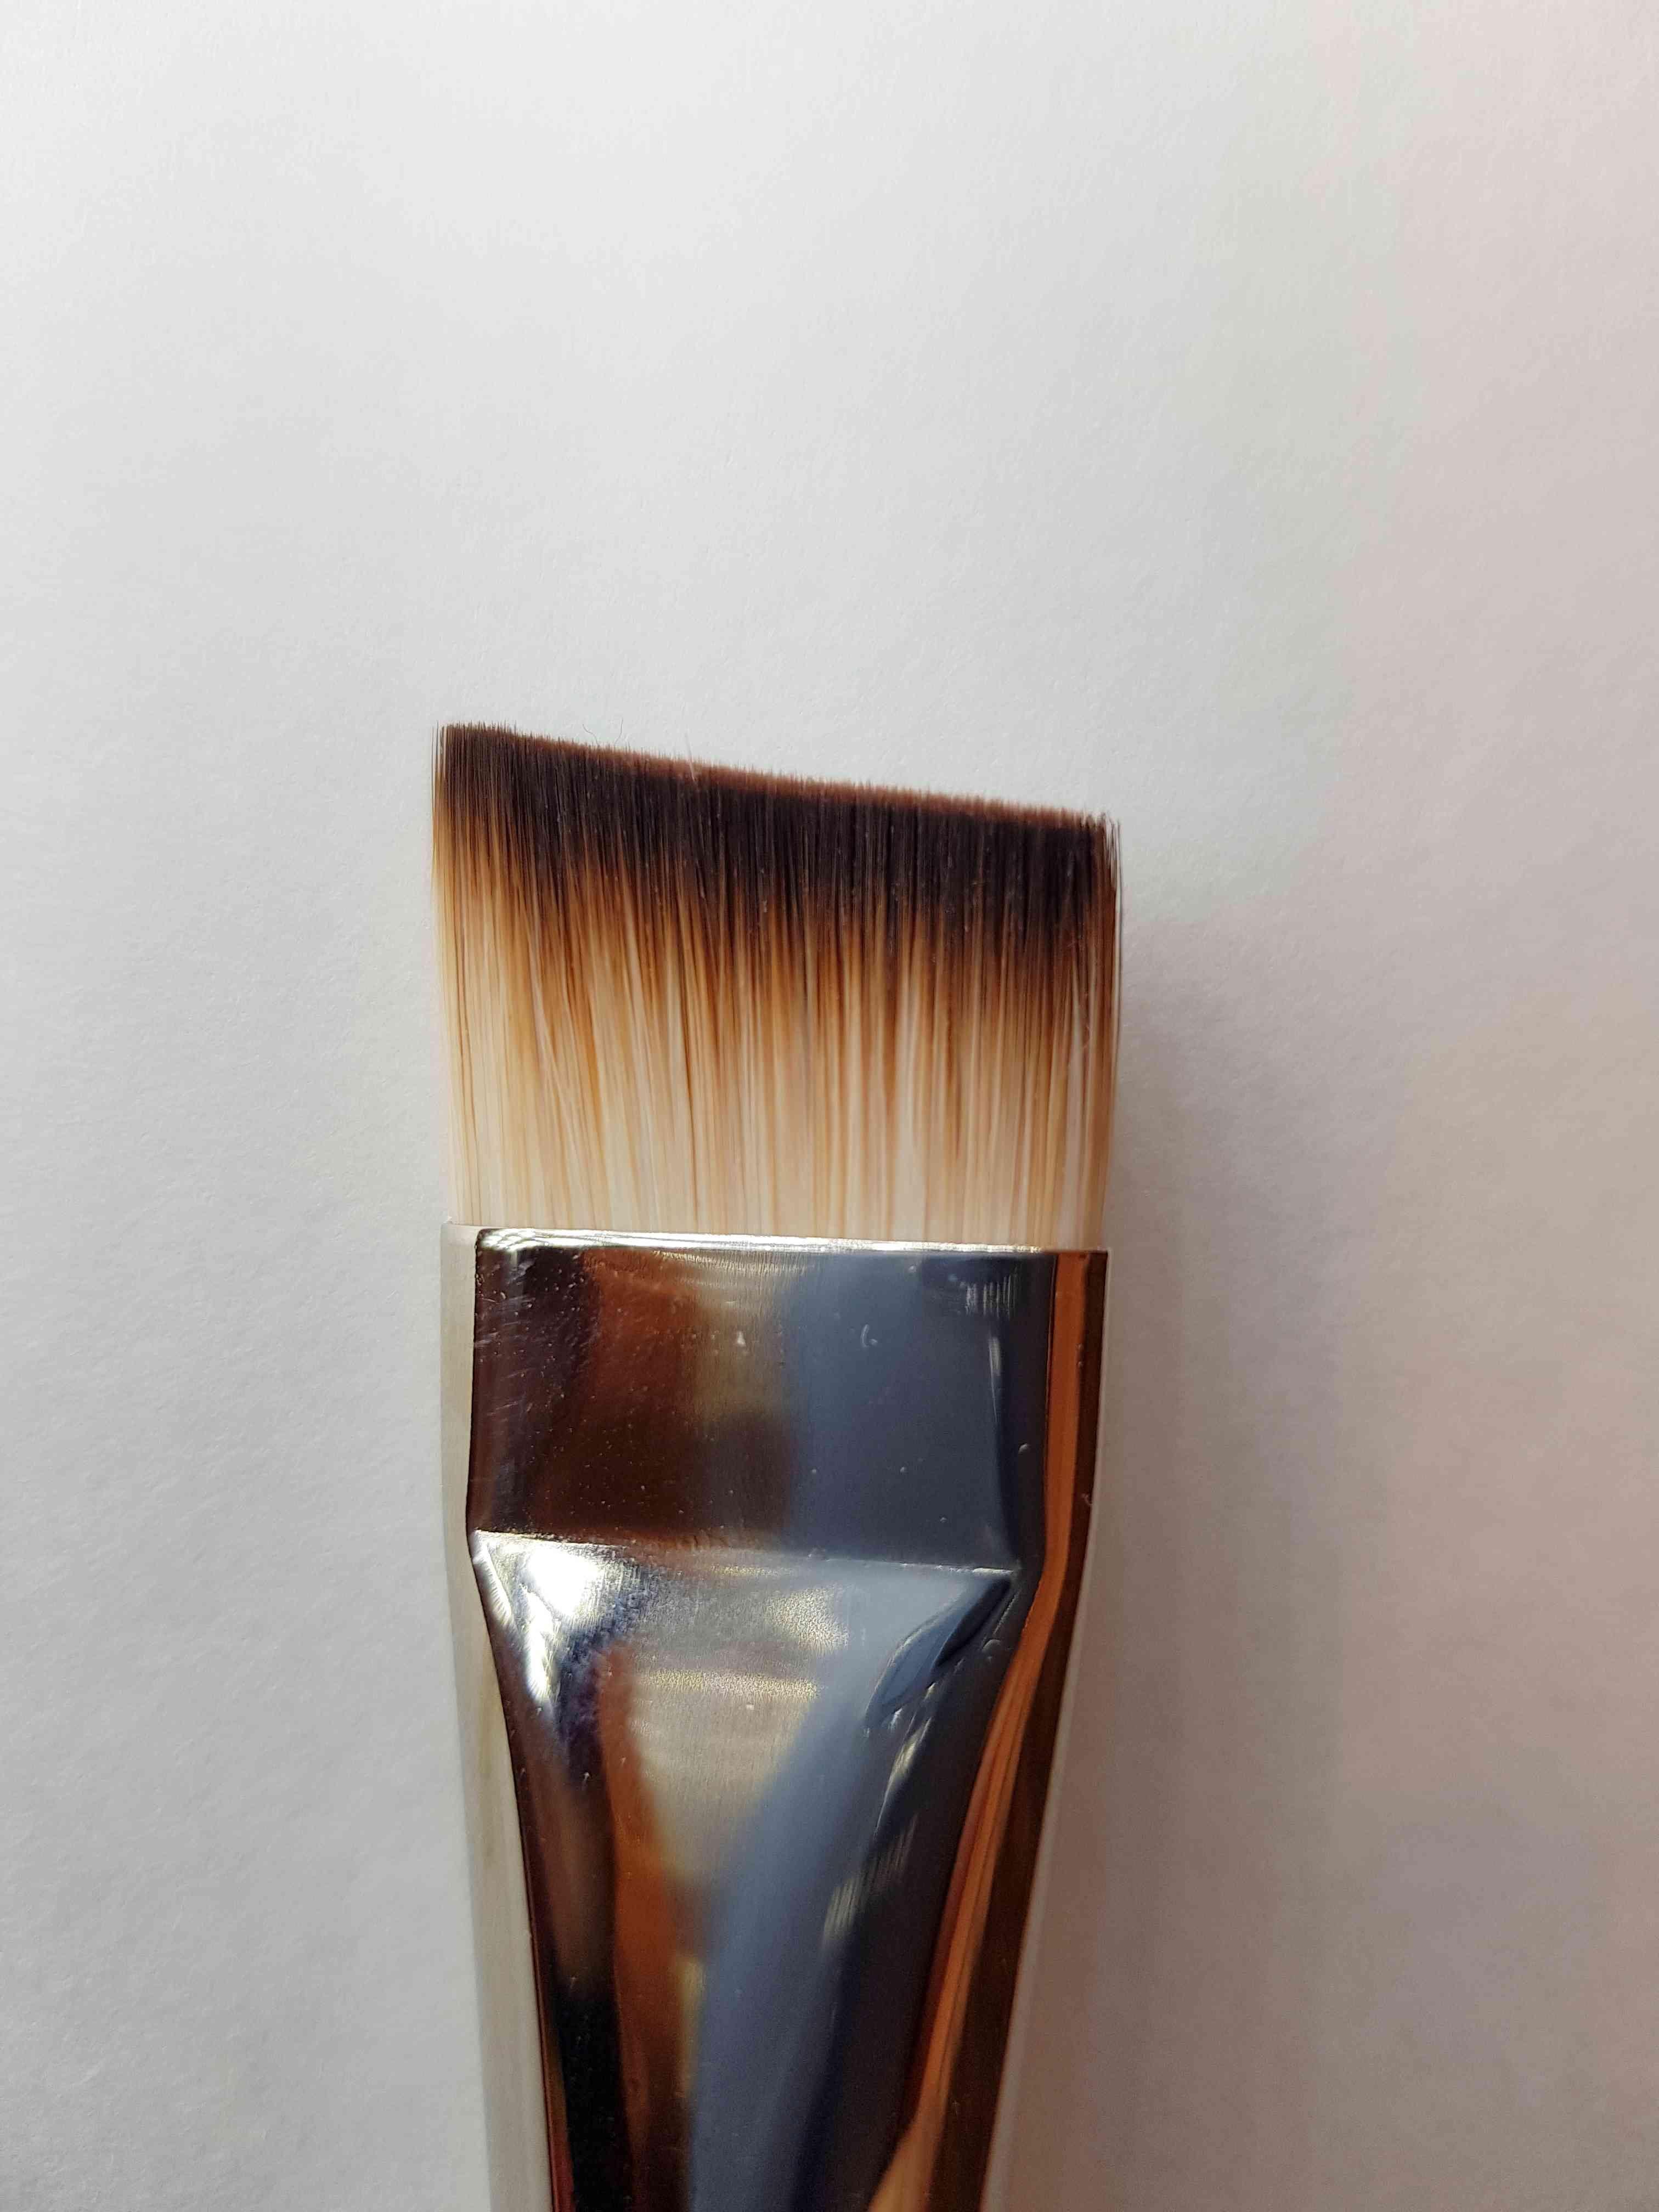 שטוח מלוכסן ג'ון  5/8 אינץ  brush